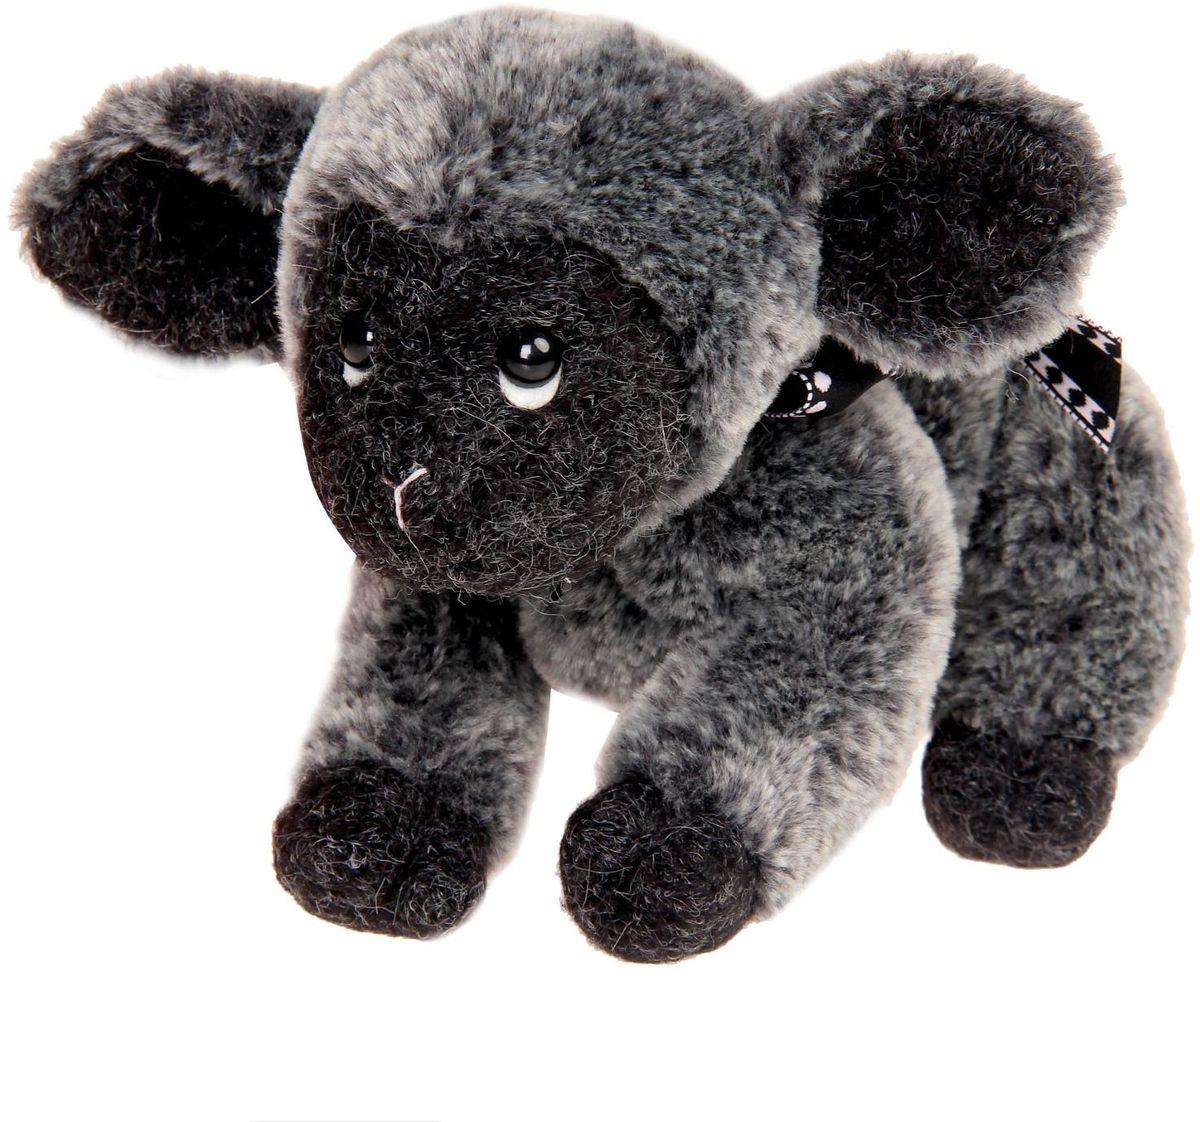 Gund Мягкая игрушка Овечка Amalya Black 12,5 см 2245476 малышарики мягкая игрушка собака бассет хаунд 23 см